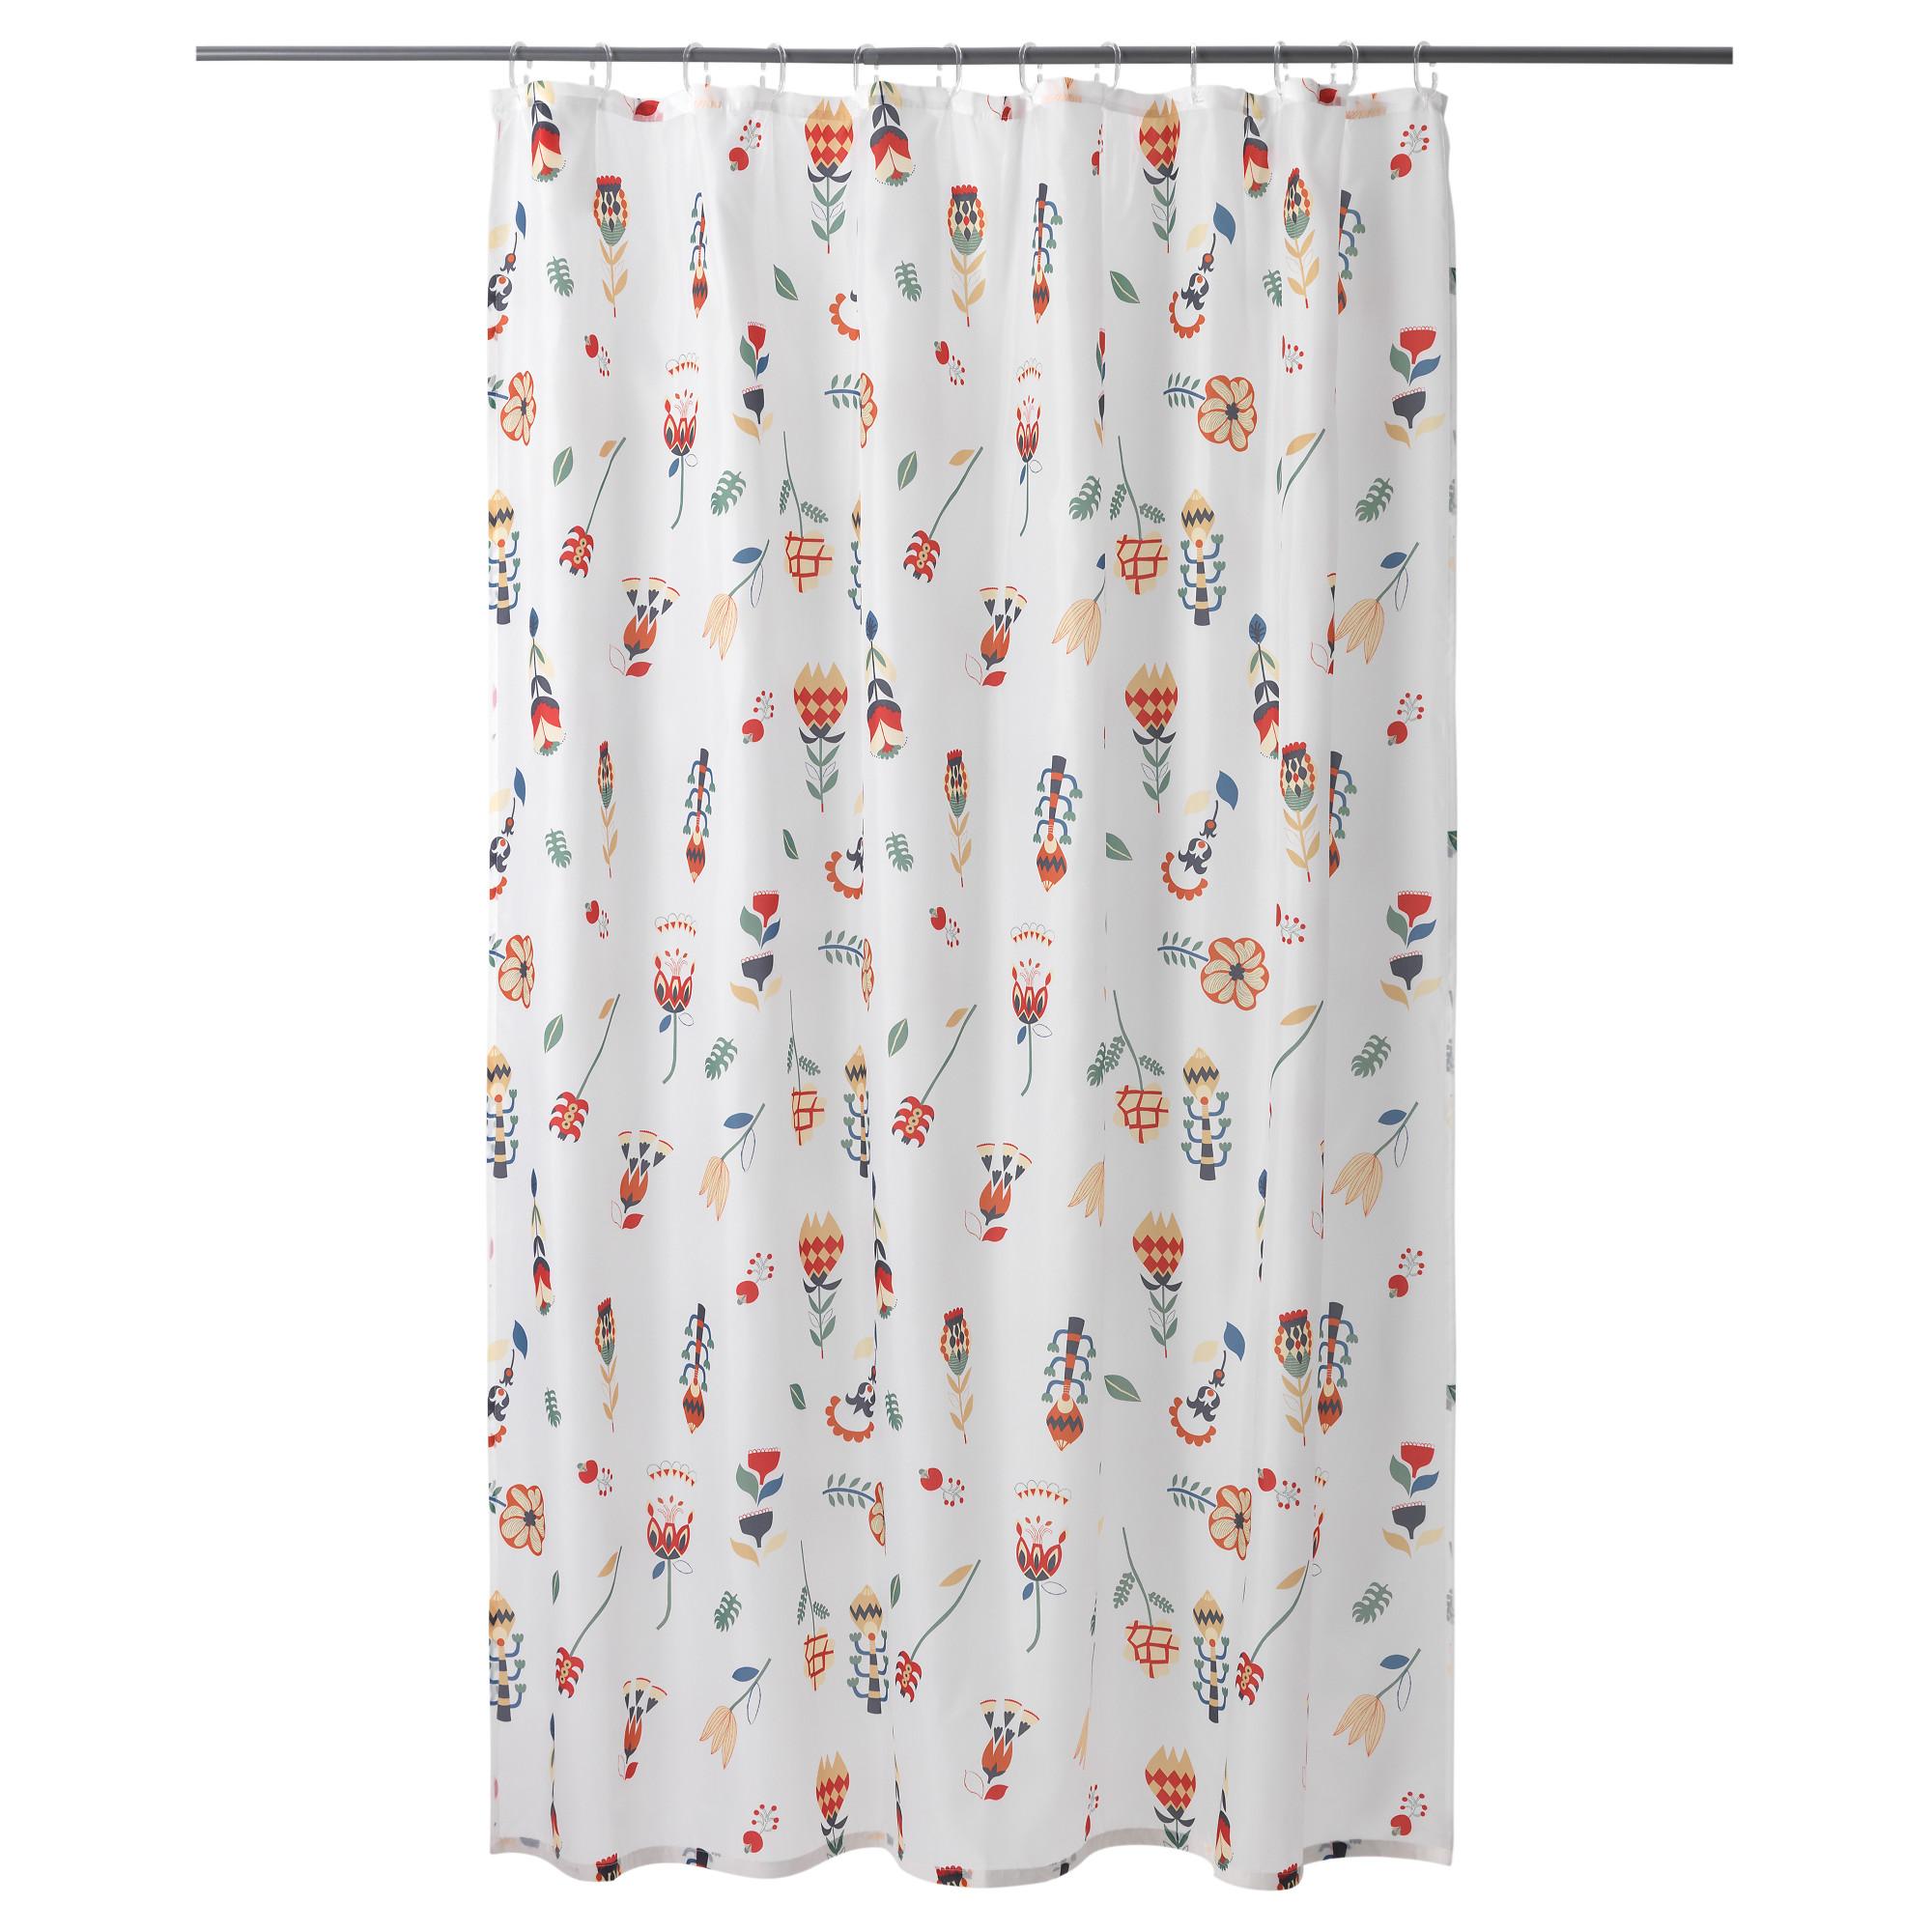 Штора для ванной РОЗЕНФИББЛА белый артикуль № 603.705.69 в наличии. Онлайн сайт IKEA Беларусь. Недорогая доставка и монтаж.